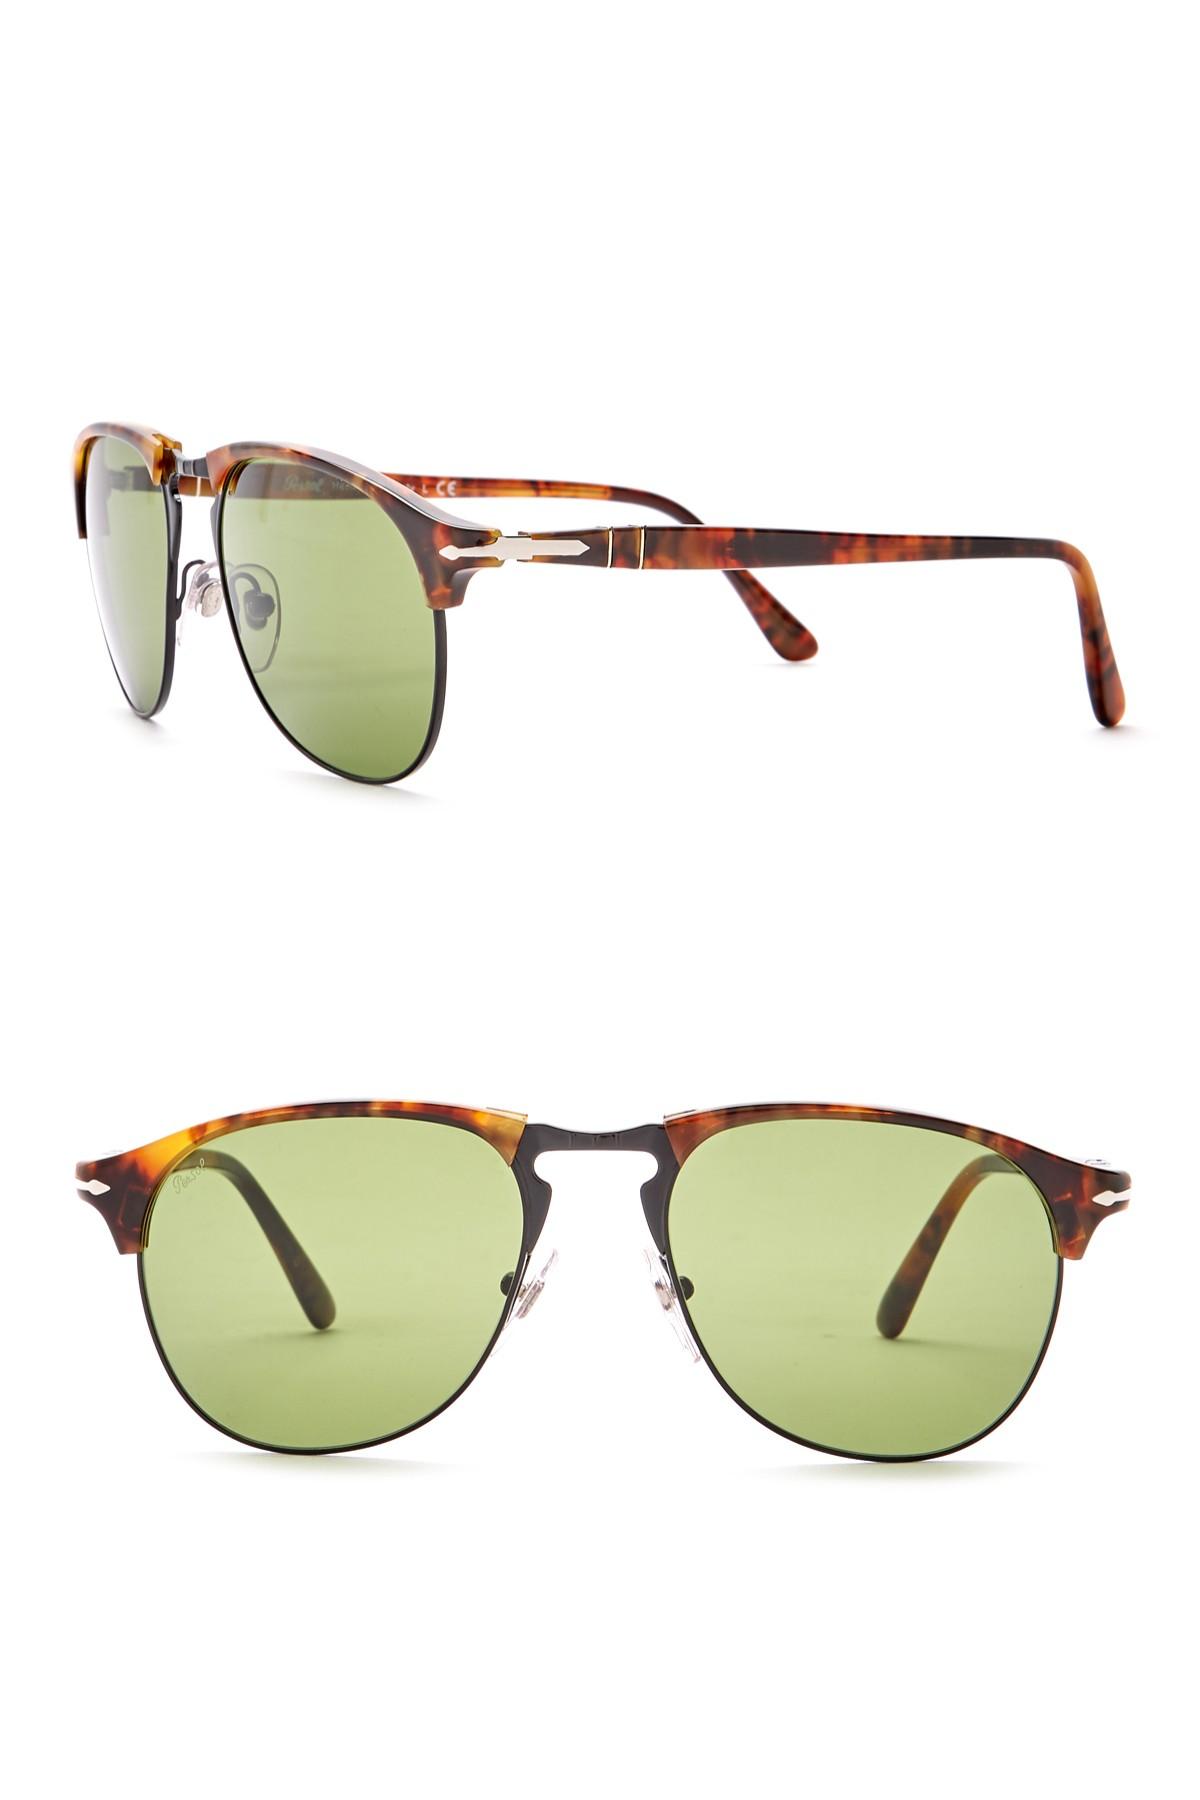 Persol Men's Icona Evolution 53mm Sunglasses $99.97